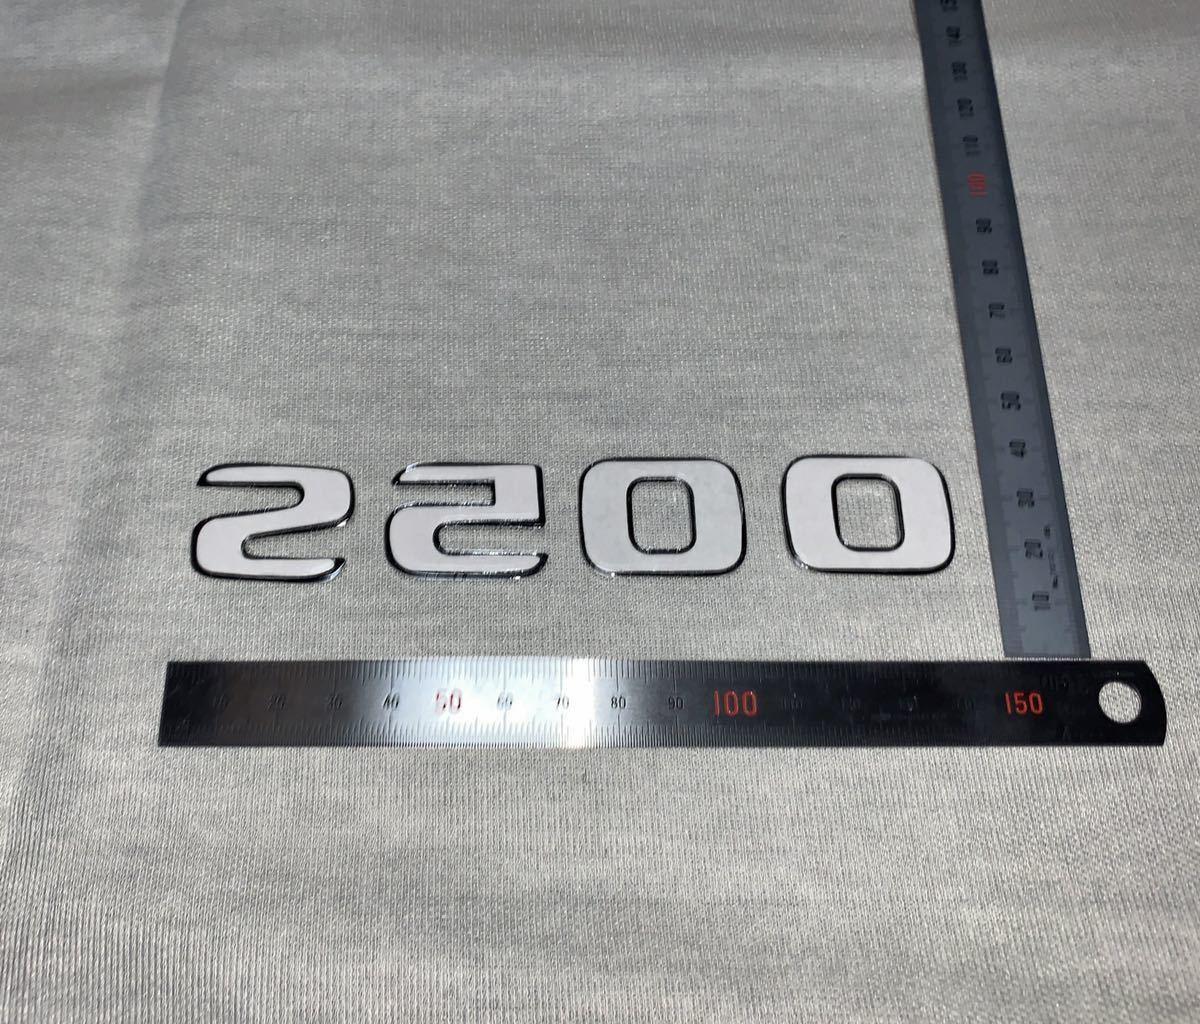 【未使用】ベンツ S500 純正 エンブレム W220 メルセデス 品番: A2208800186 シルバー メッキ調_画像2